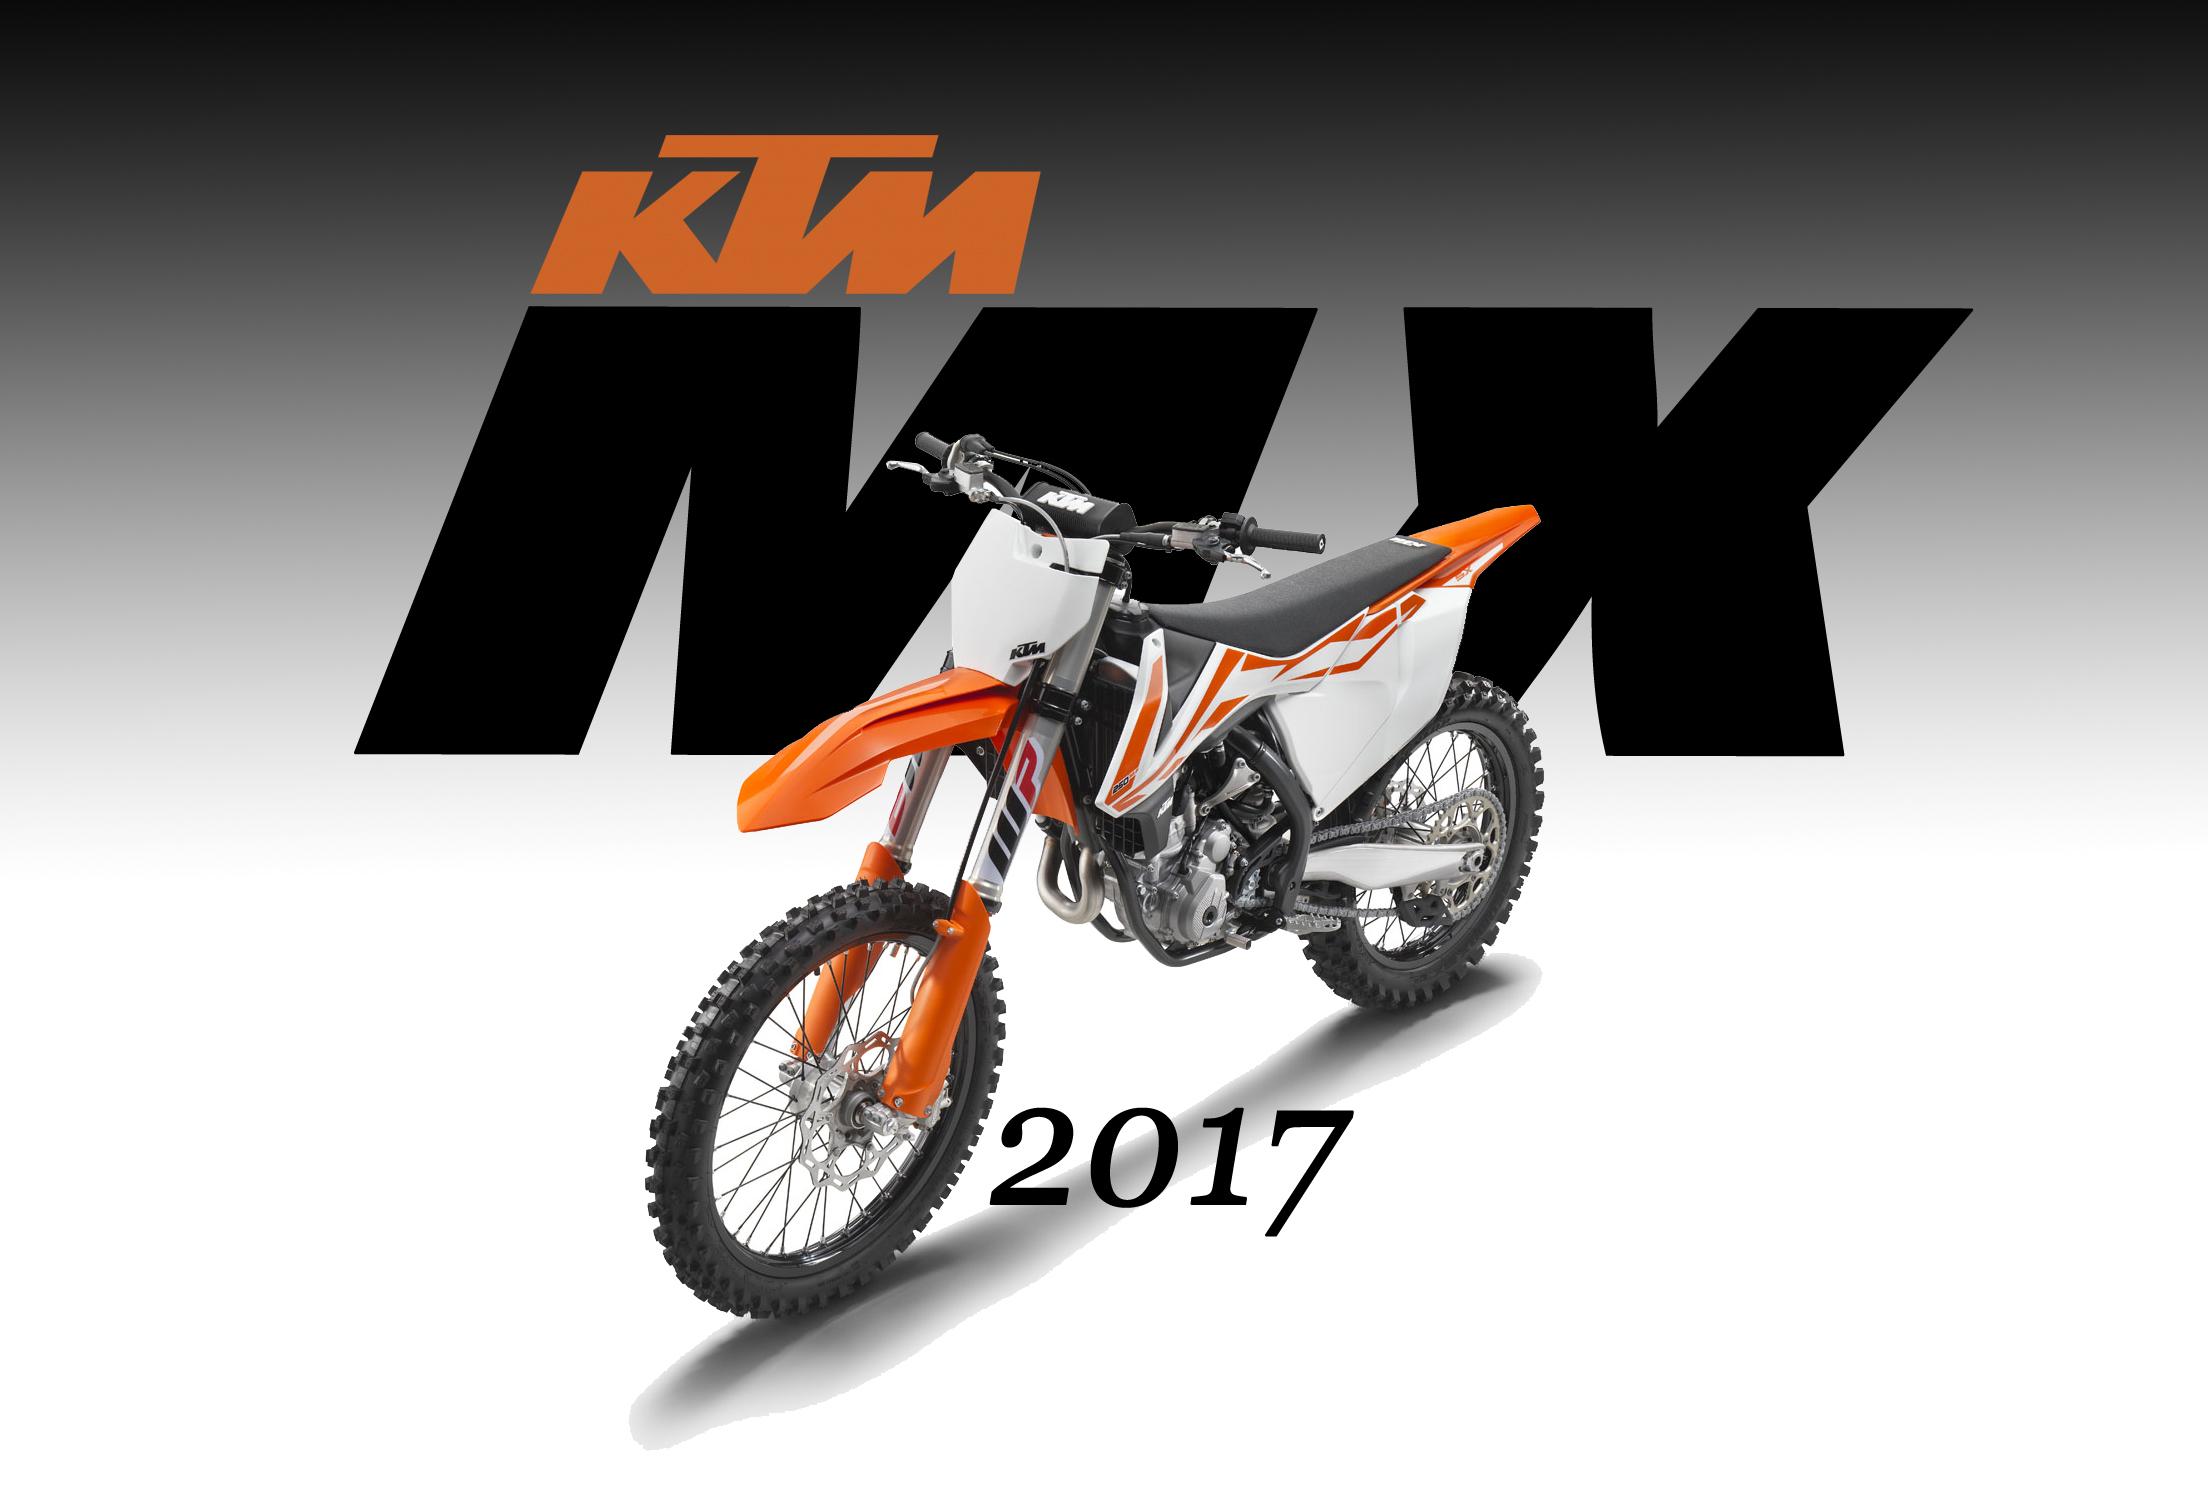 Ktm Motocross Bikes For 2017 Dirt Bike Magazine